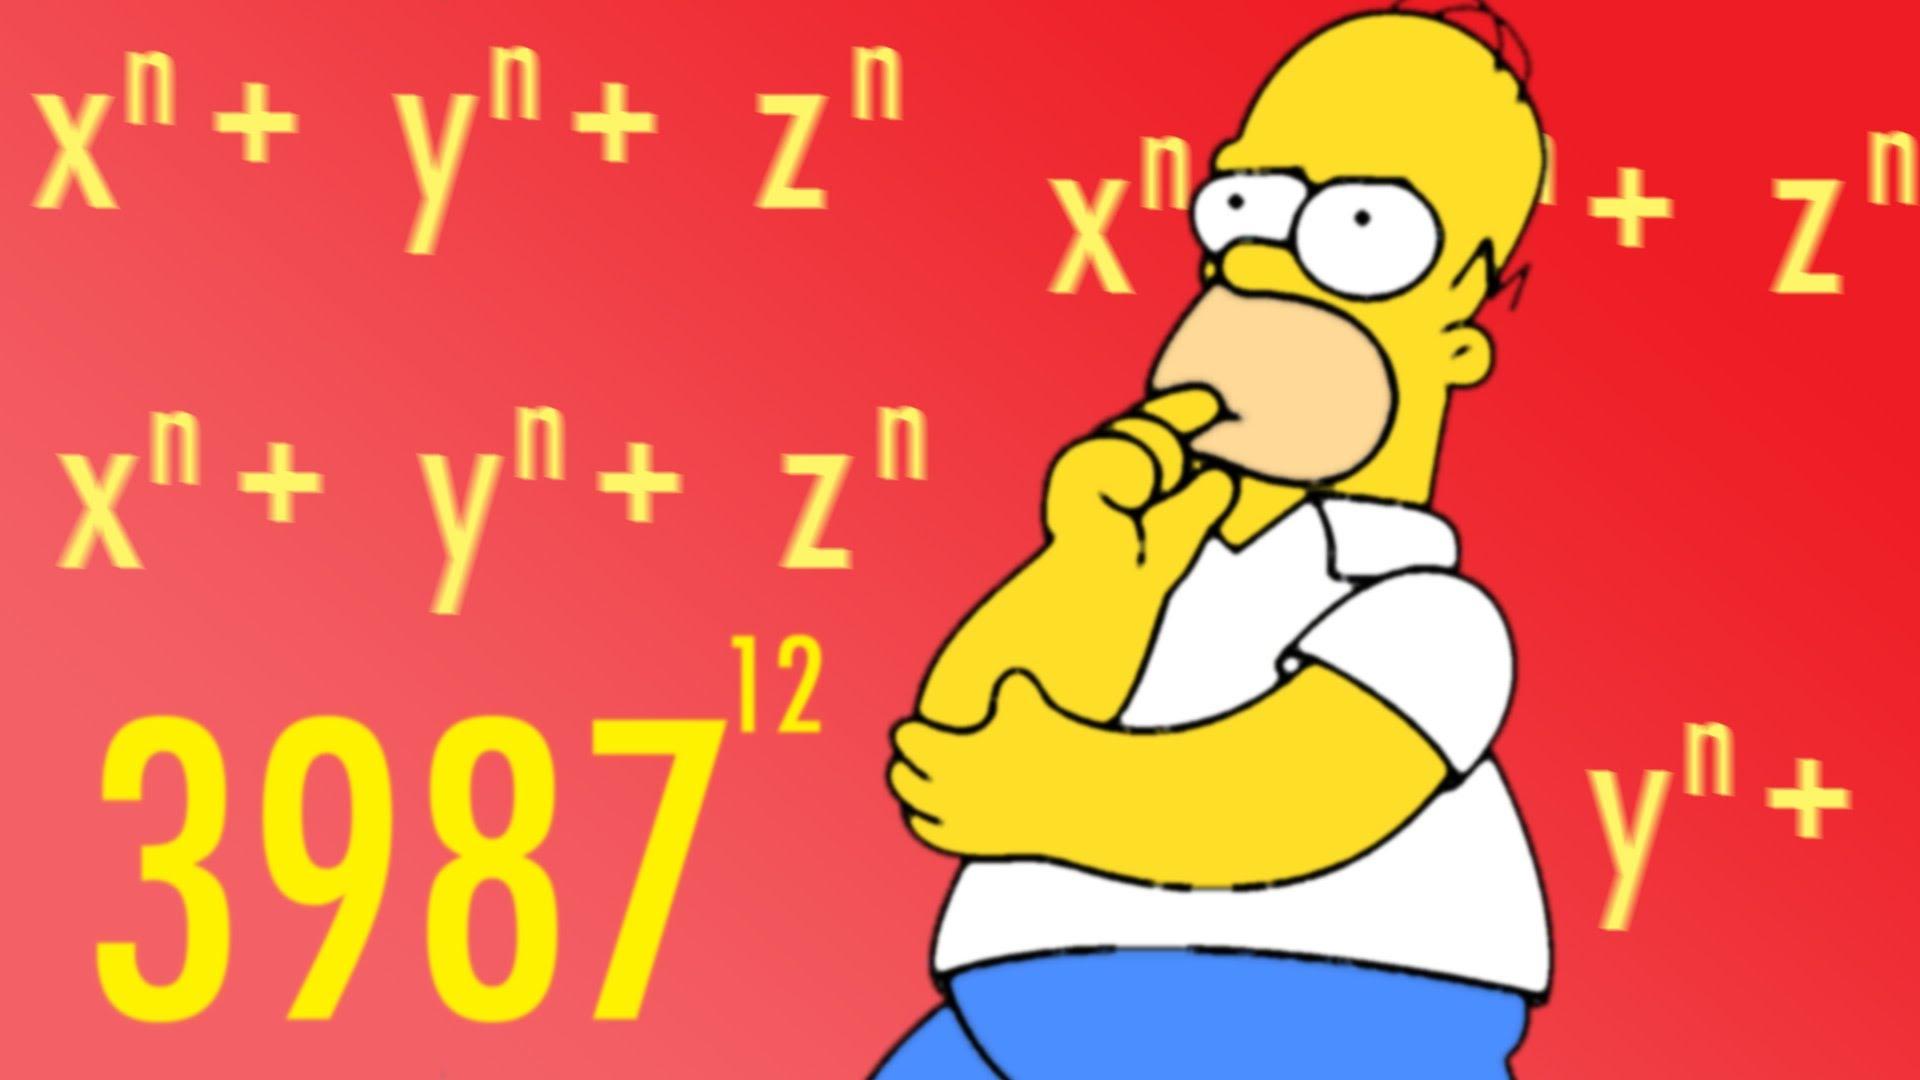 Alasan Matematis Mengapa SEO Menjadi Strategi Marketing (Jangka Panjang) Terbaik